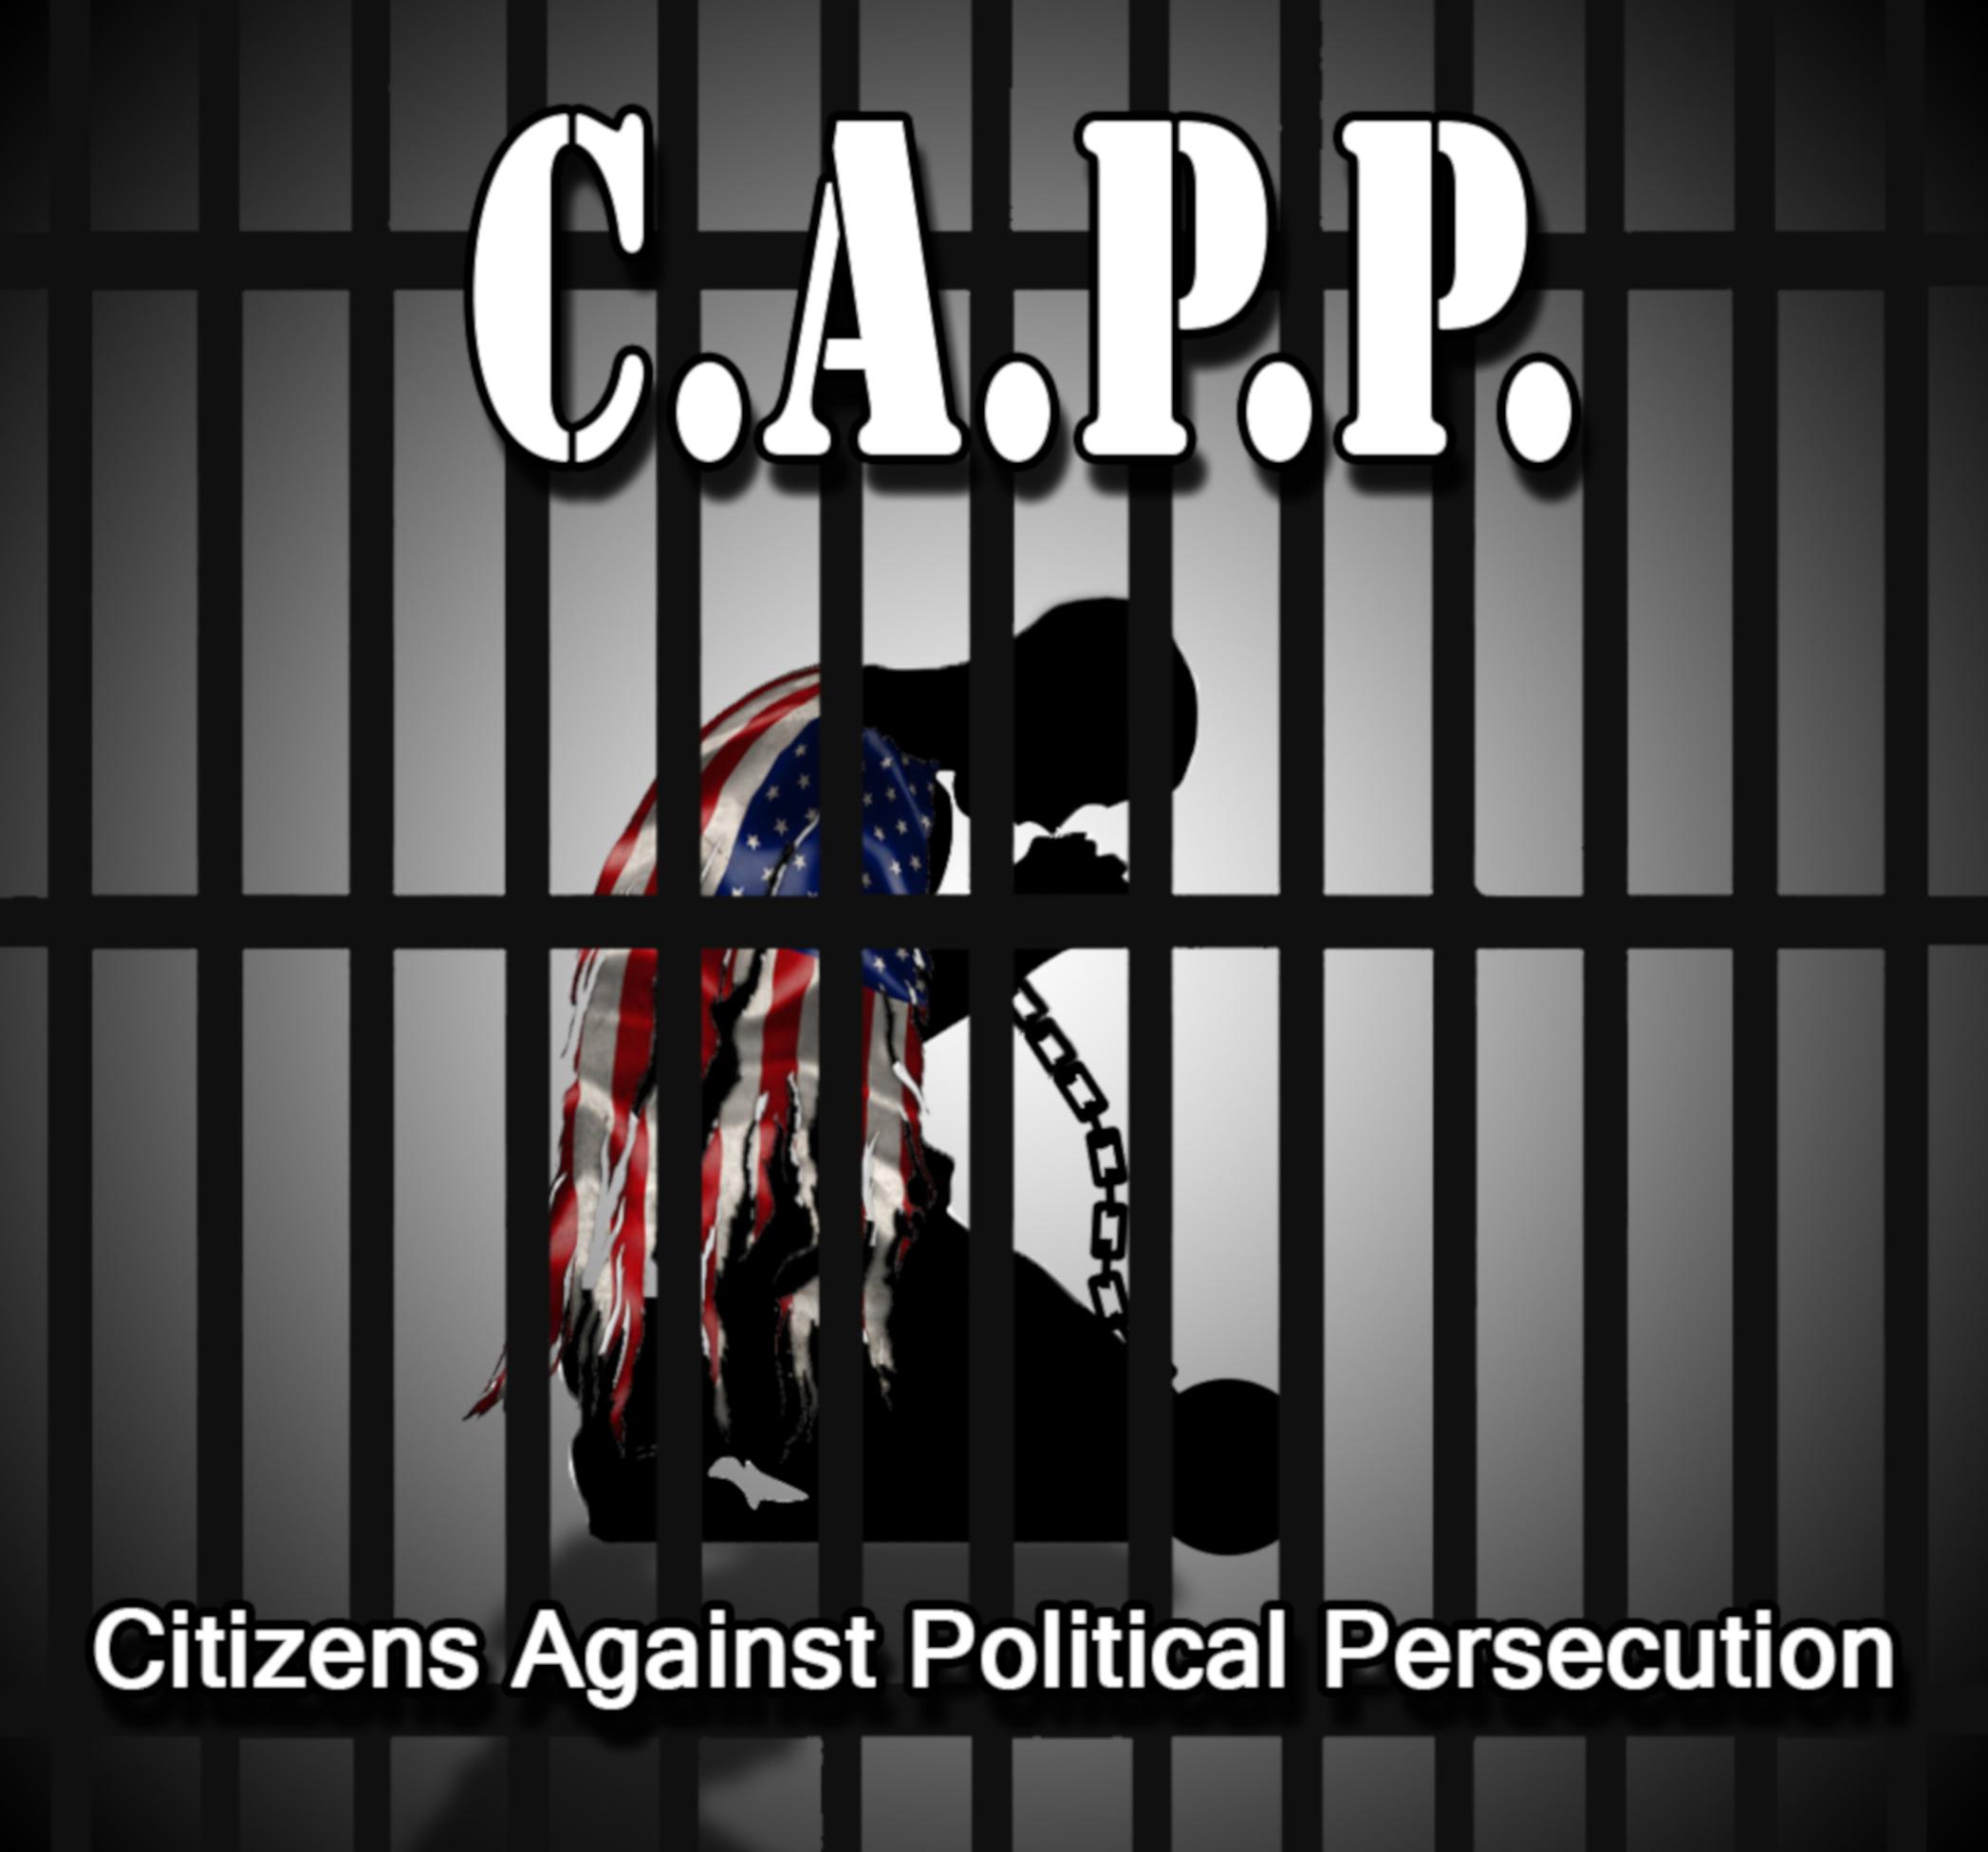 C.A.P.P.